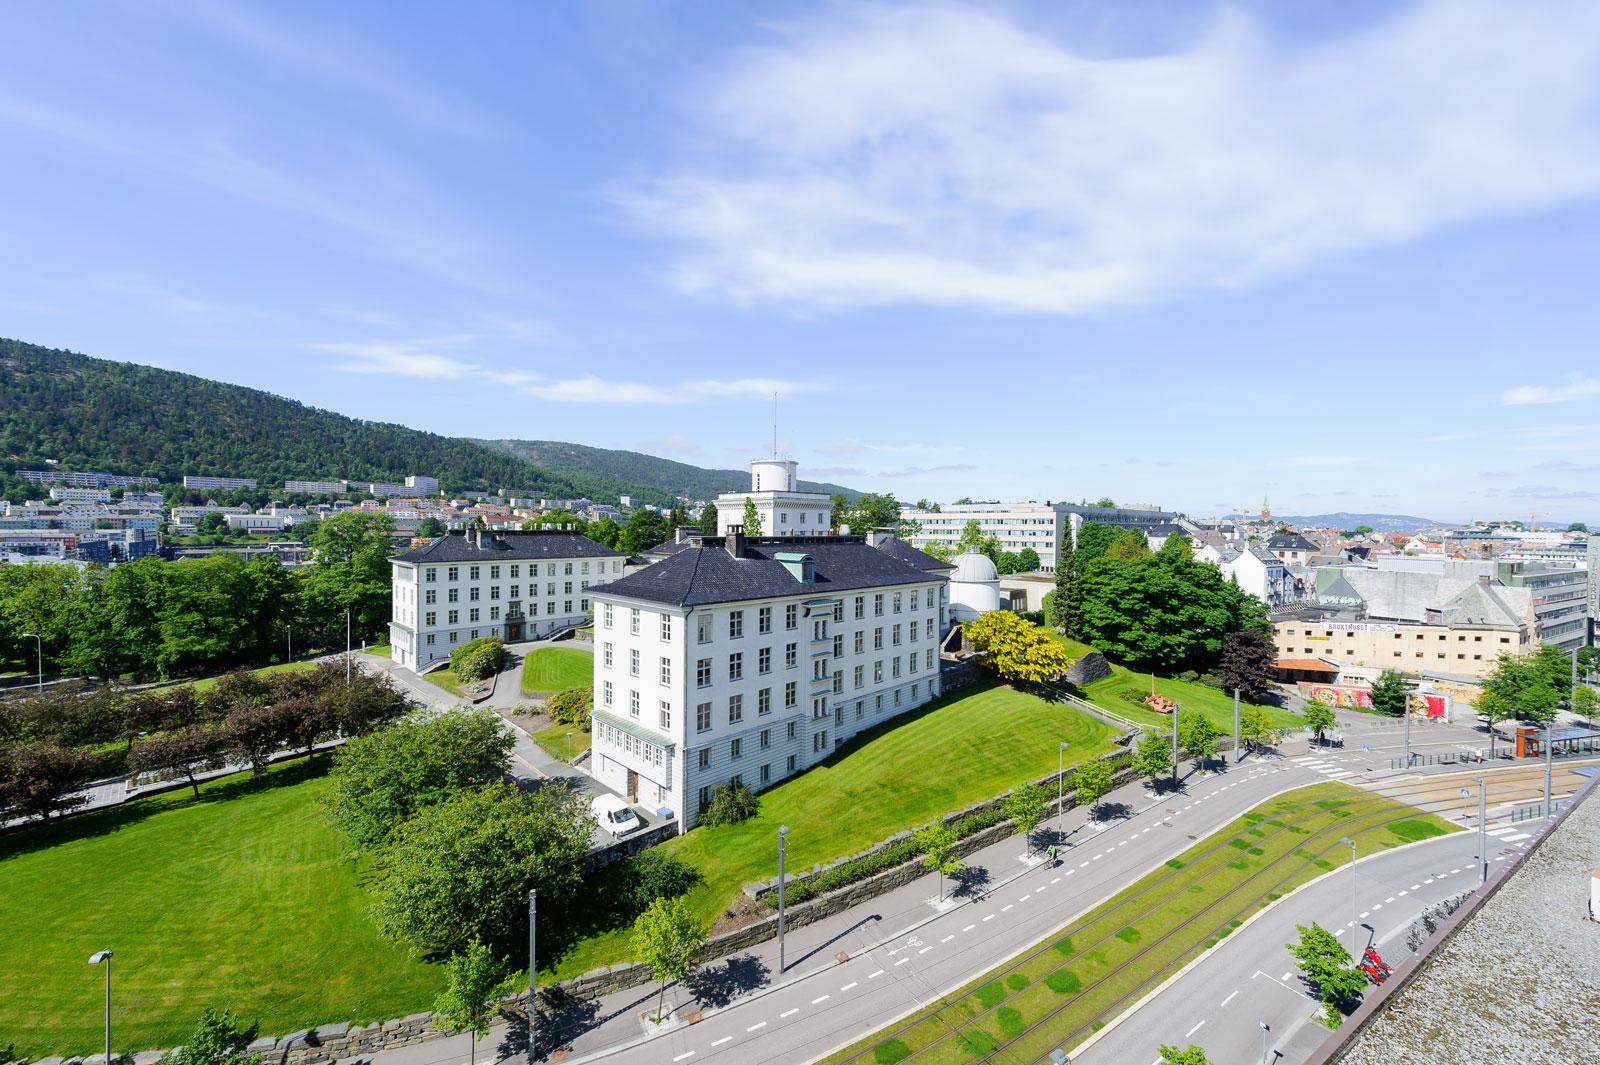 Lokaler Bergen sentrum, Nygårdsgaten 16